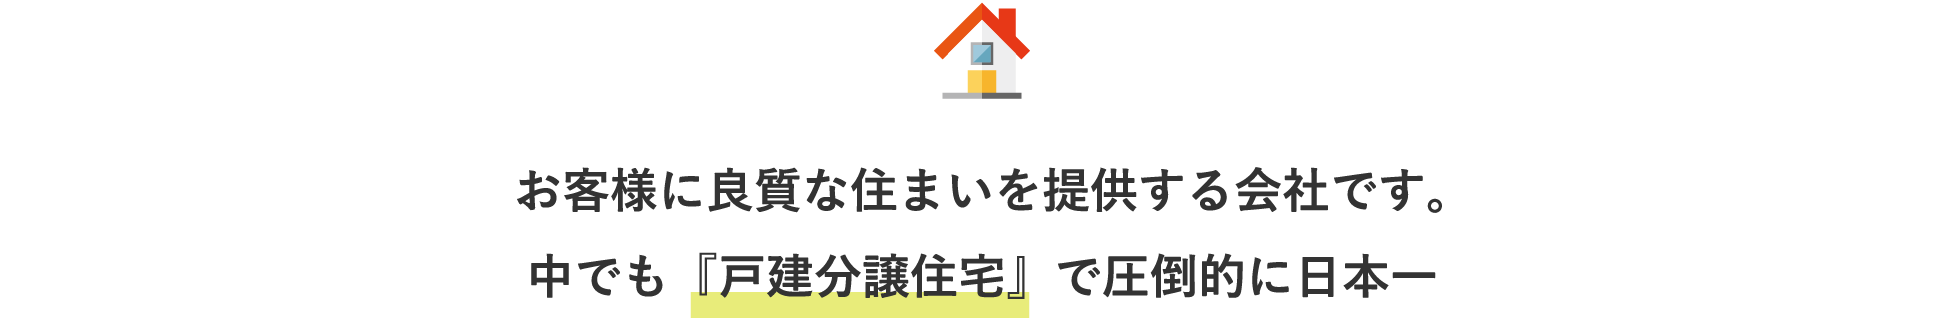 お客様に良質な住まいを提供する会社です。中でも『戸建分譲住宅』で圧倒的に日本一